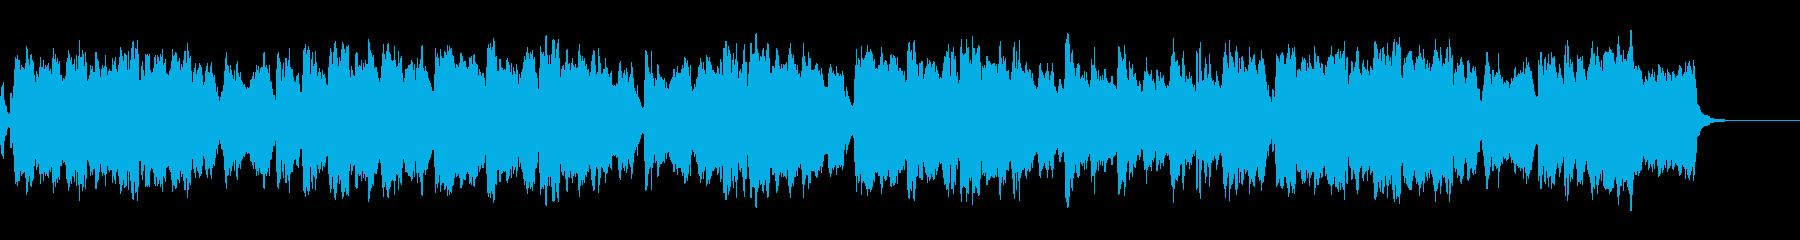 ヒーリング効果が期待できるオーケストラbの再生済みの波形